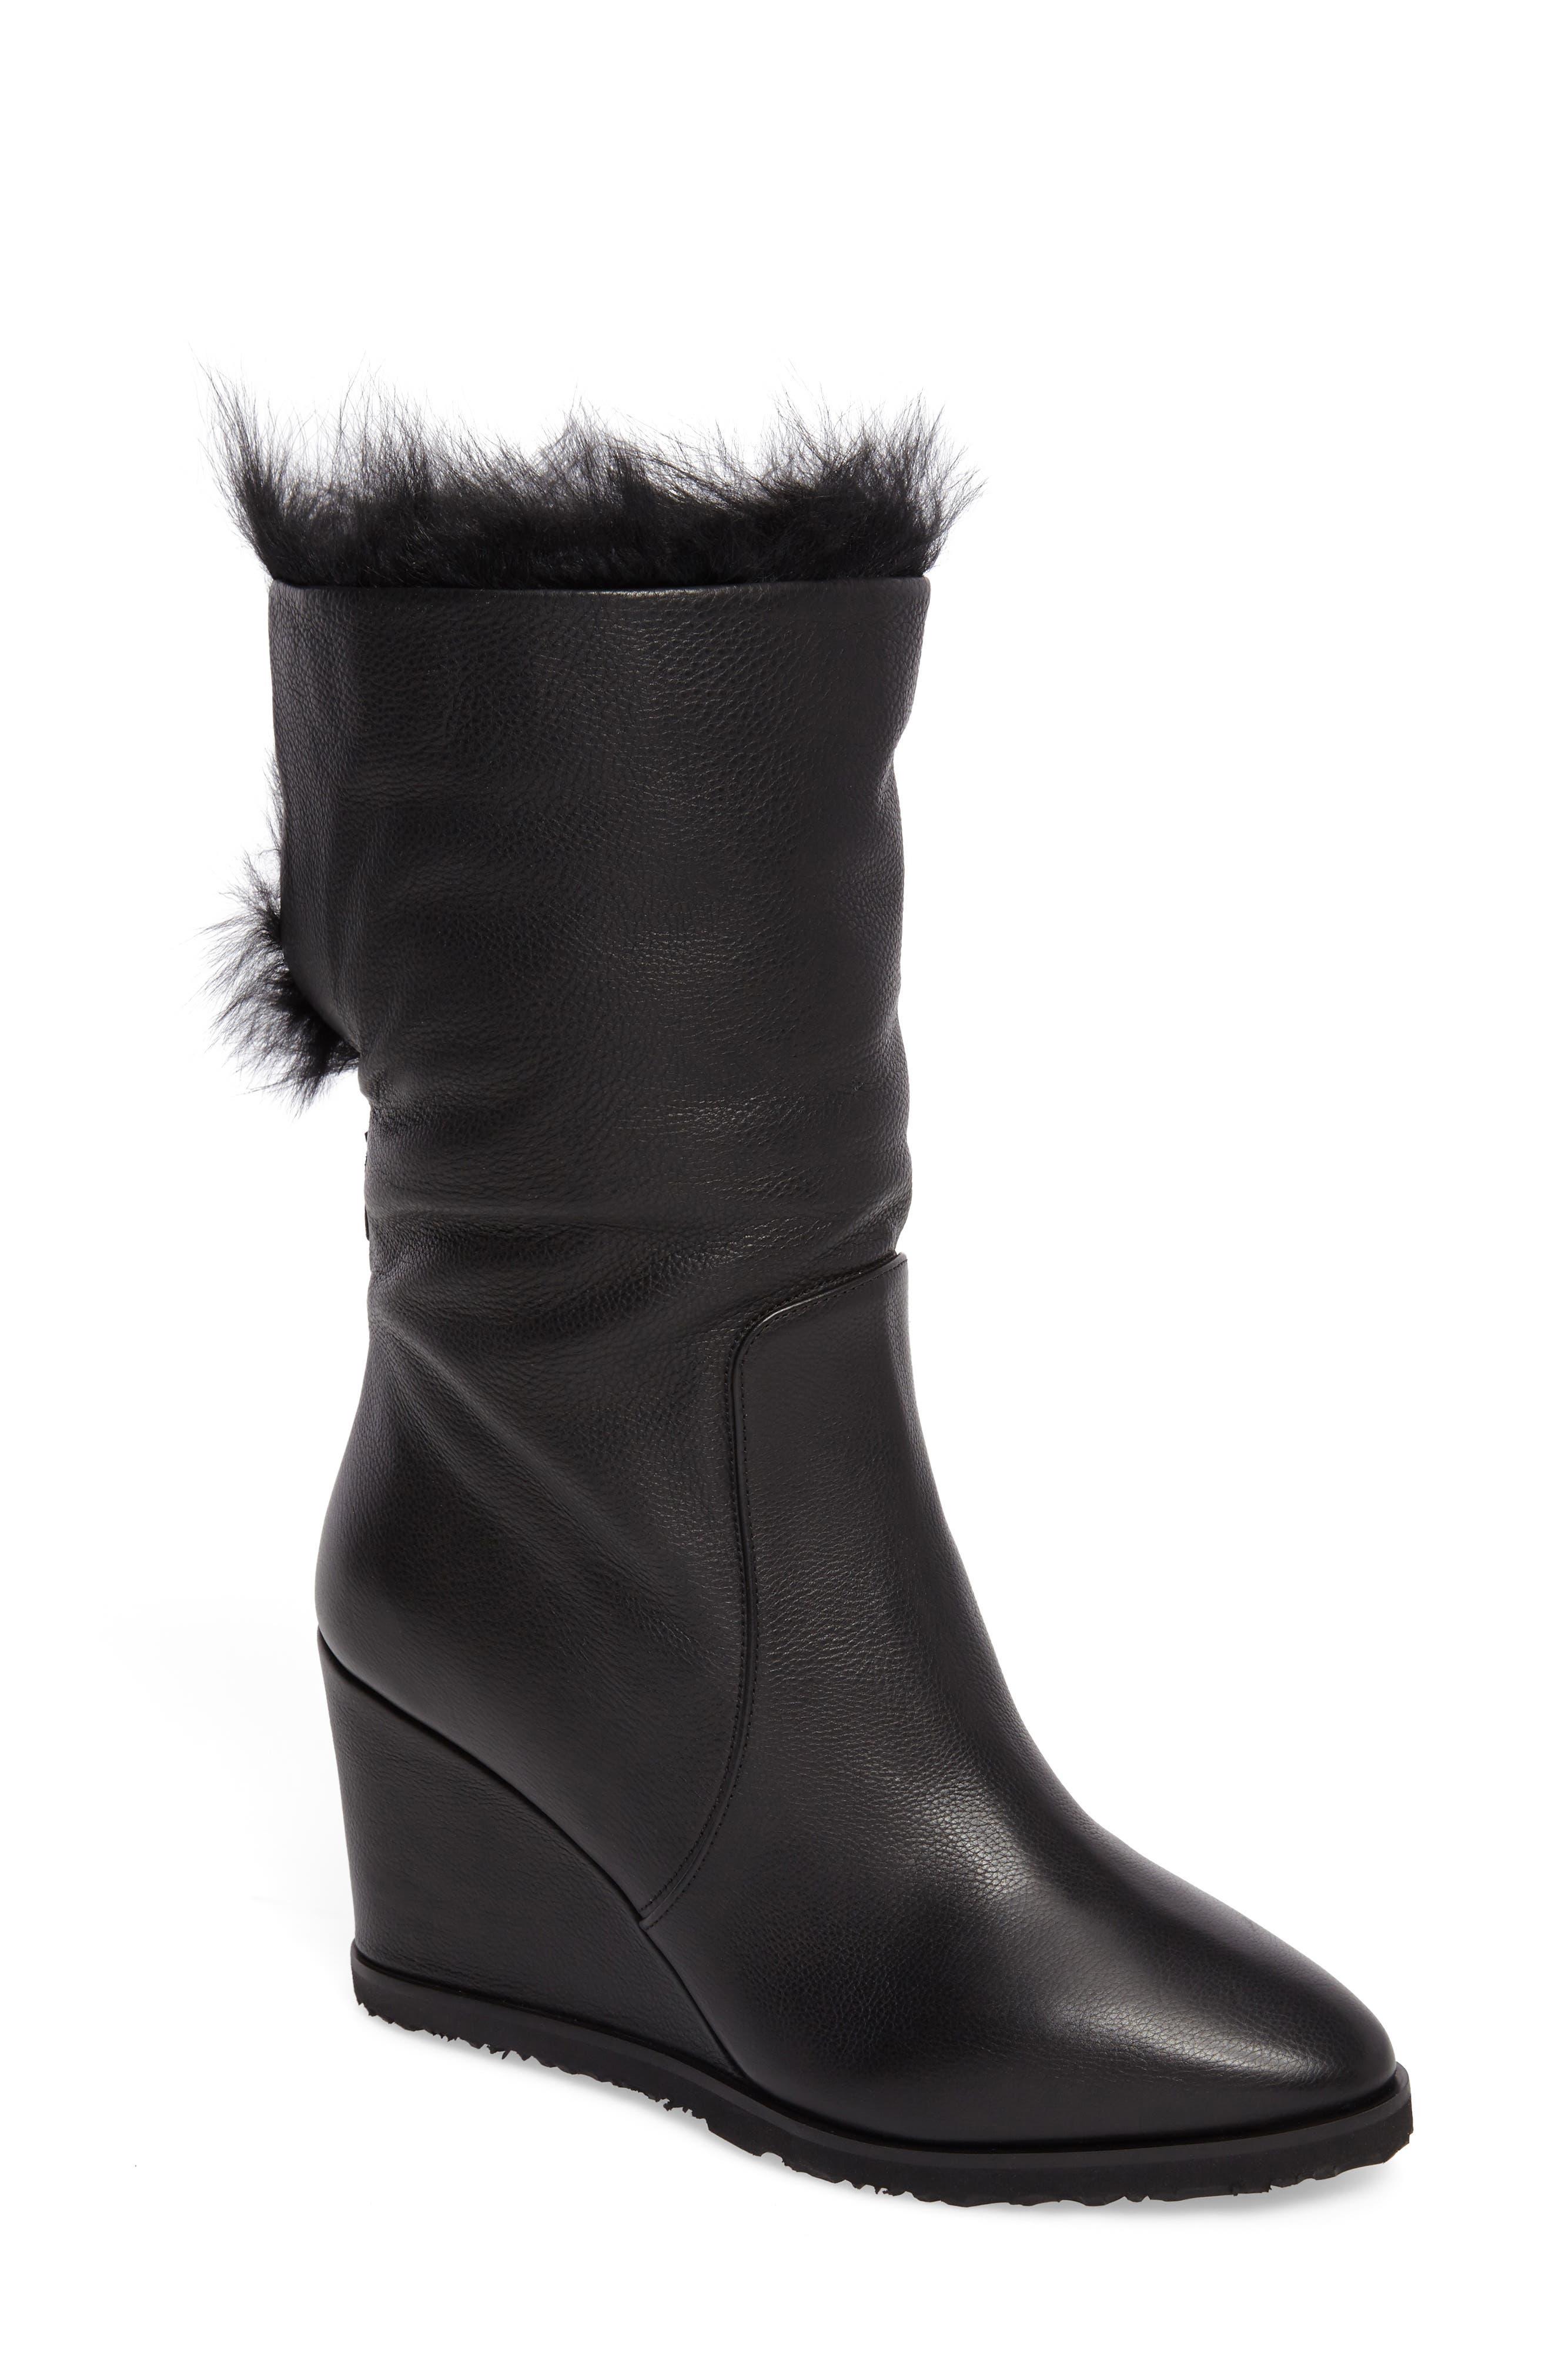 Main Image - Taryn Rose Massima Genuine Shearling Wedge Boot (Women)